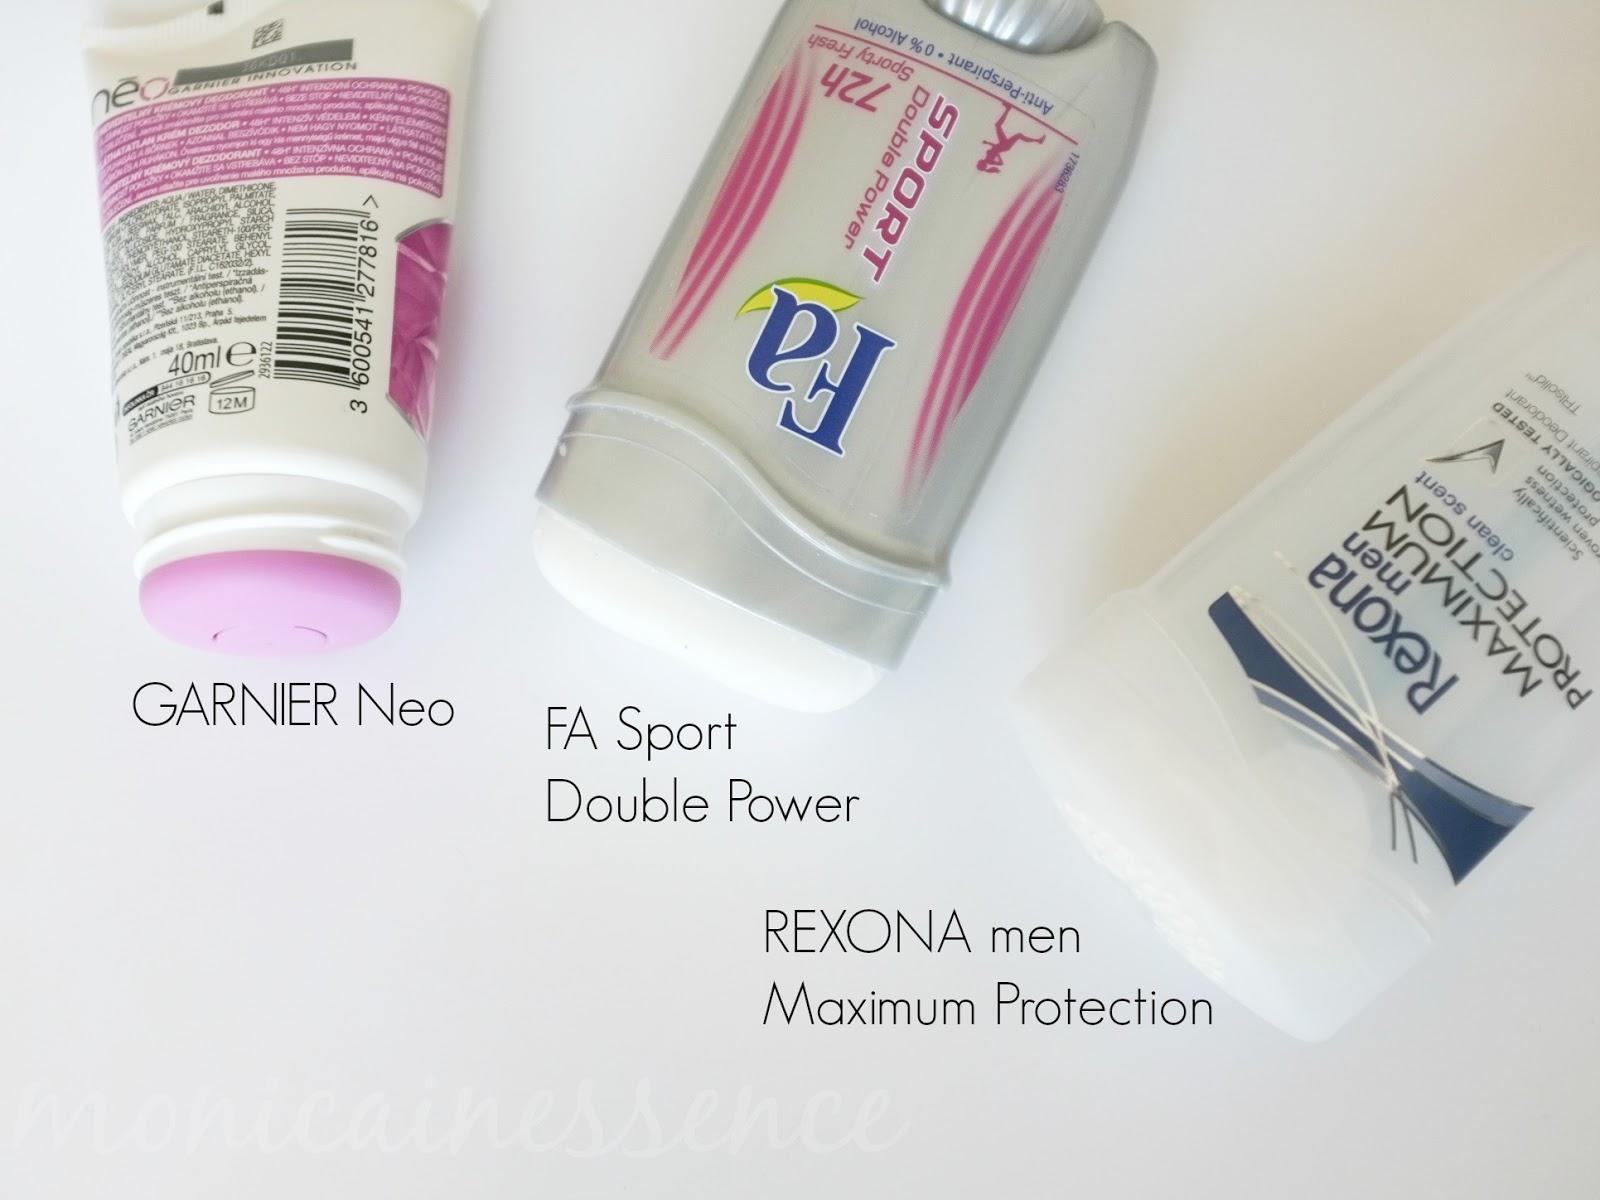 deodorant, fa, rexona, garnier, neo, potenie